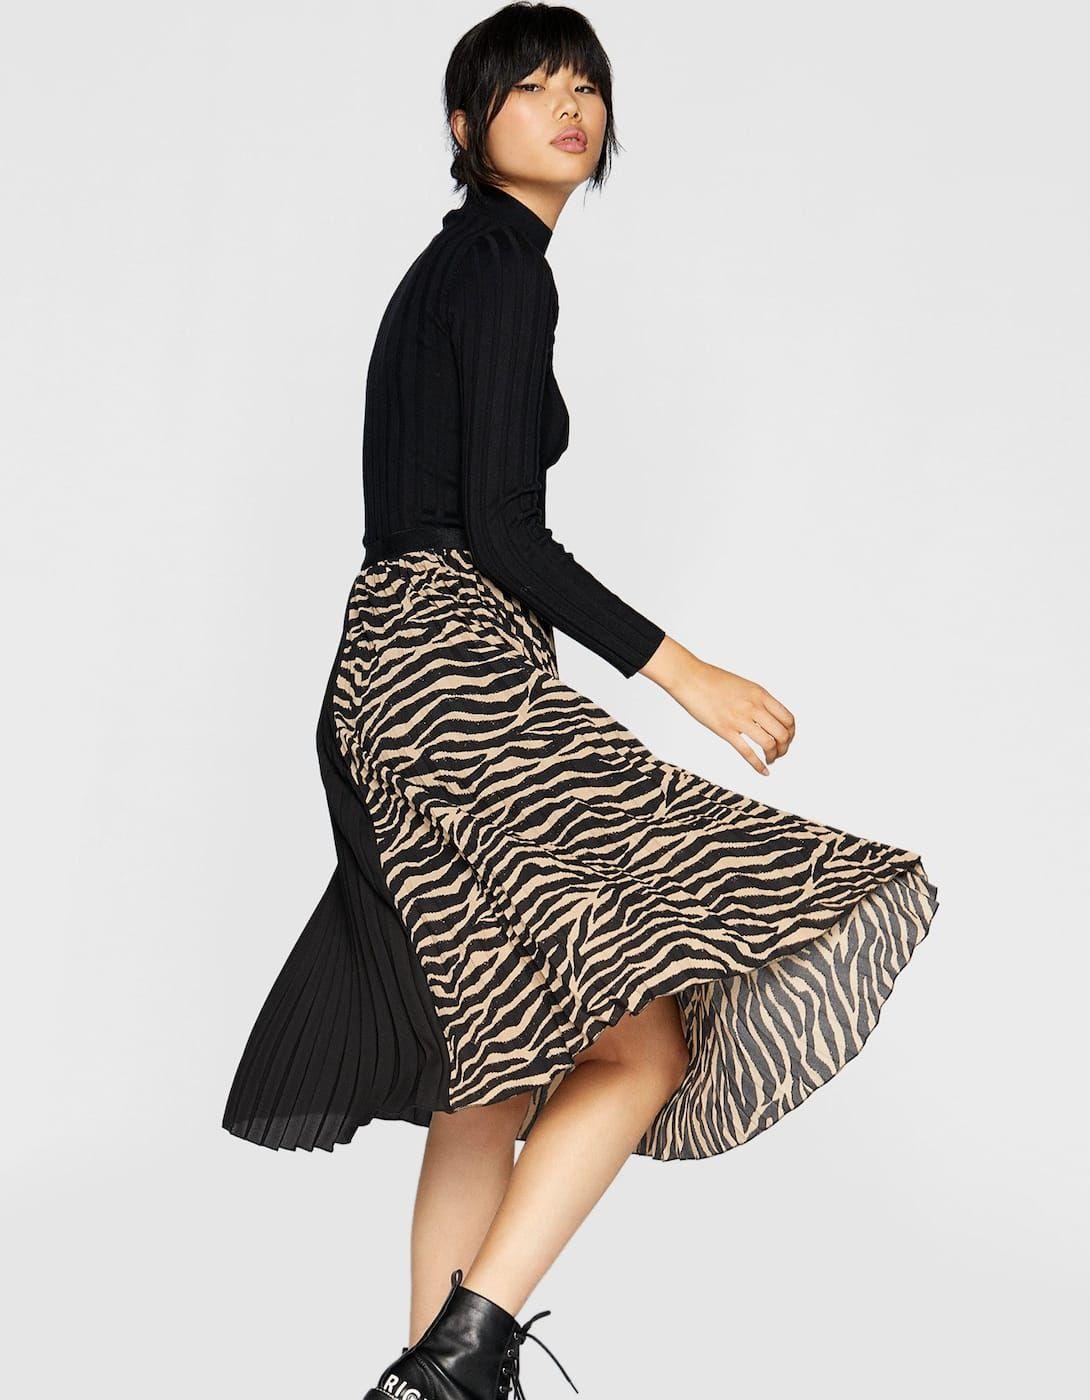 febc7125d3 Pleated skirt with elastic waist - Animal print   Stradivarius United  Kingdom